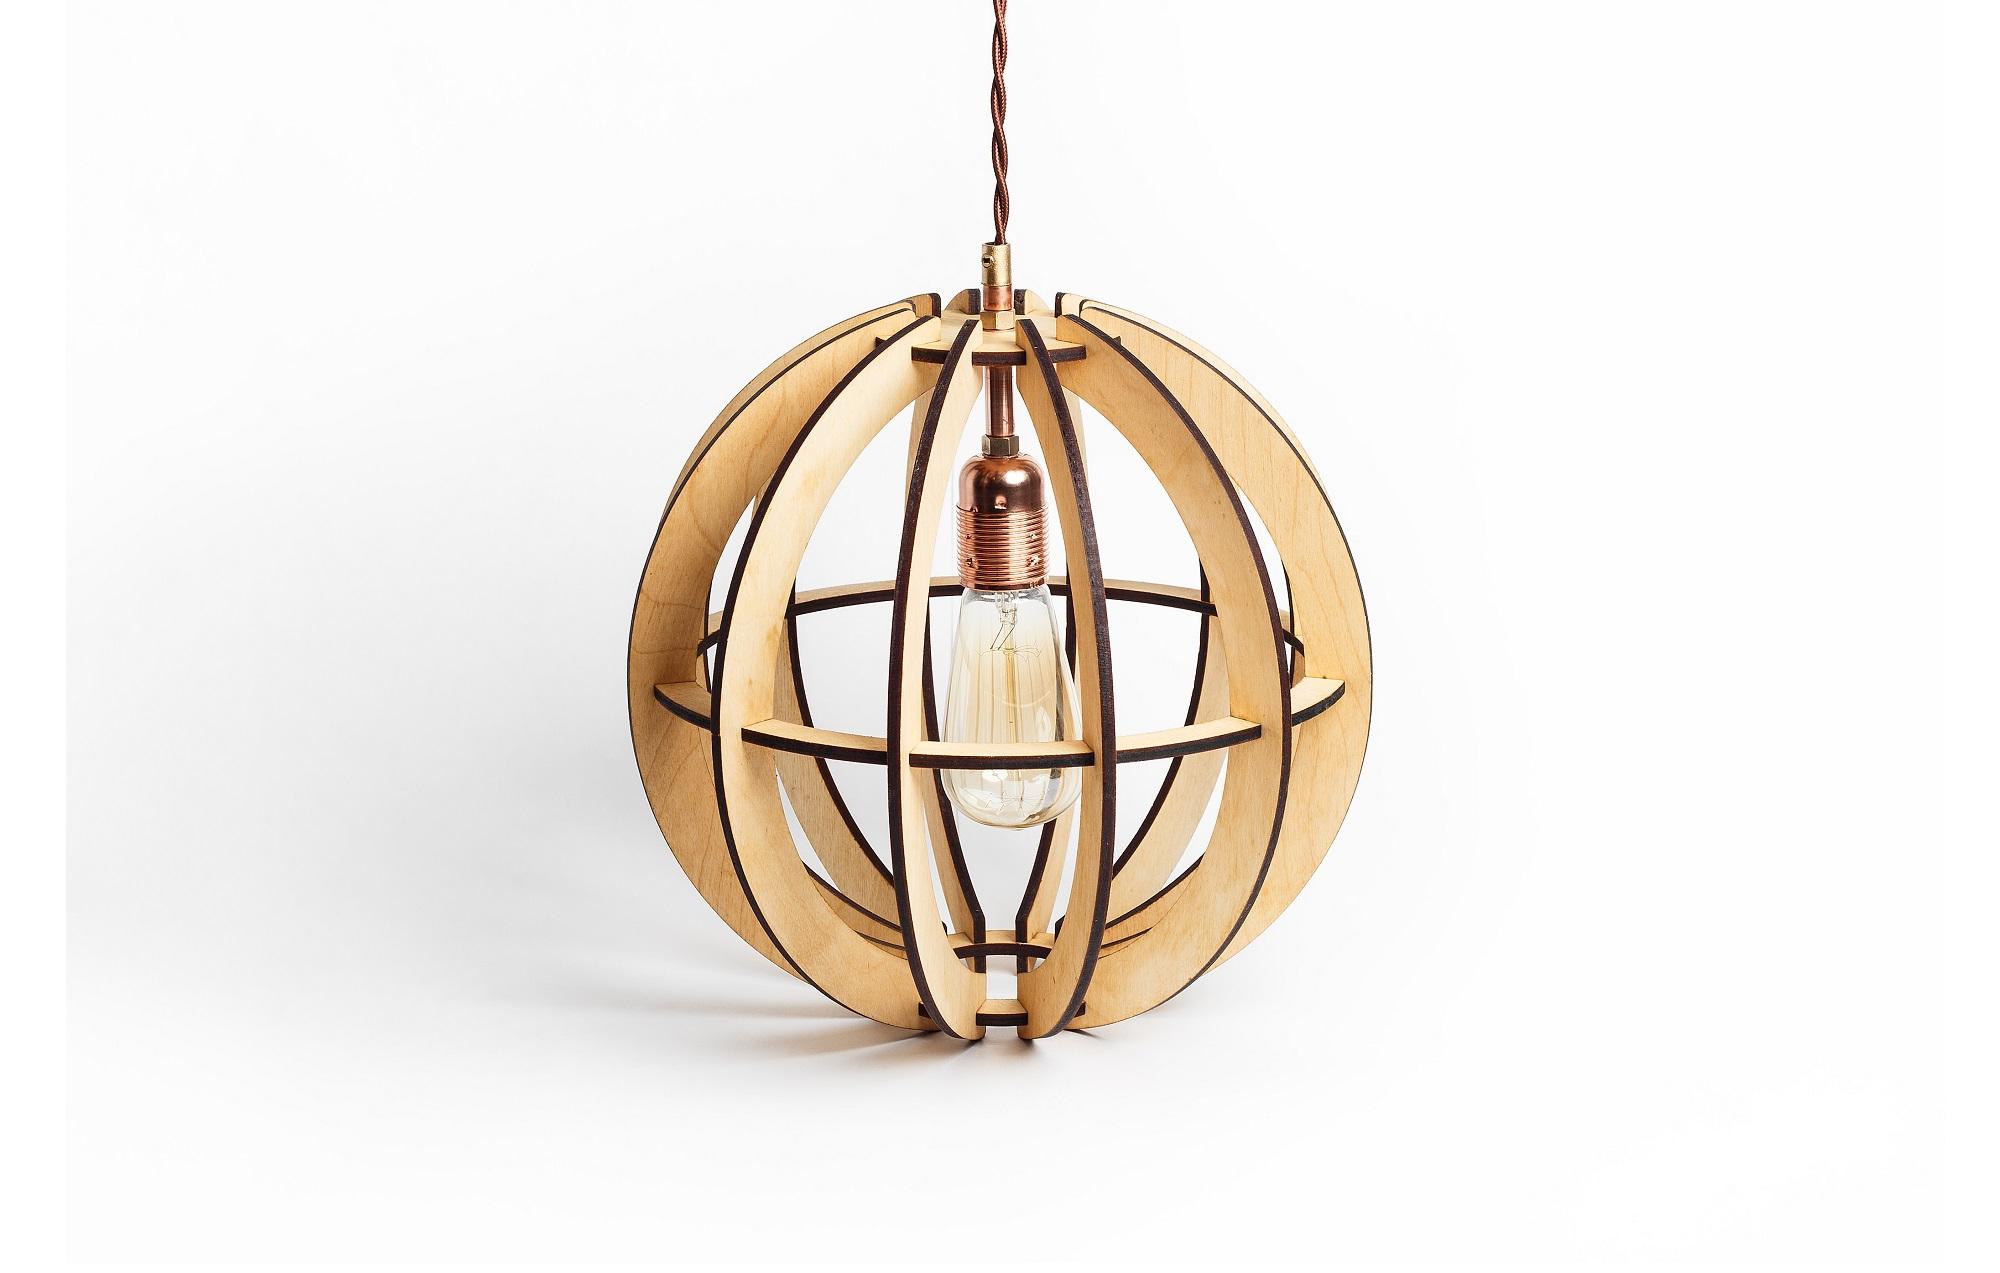 Деревянный светильник Аэросфера МиниПодвесные светильники<br>Деревянная люстра в стиле Лофт. Возможно изготовление в двух цветах - натуральный ( покрытый лаком ) и темный ( мореный ) Поставляется в собранном виде.&amp;amp;nbsp;&amp;lt;div&amp;gt;&amp;lt;br&amp;gt;&amp;lt;/div&amp;gt;&amp;lt;div&amp;gt;&amp;lt;div&amp;gt;Вид цоколя: E27&amp;lt;/div&amp;gt;&amp;lt;div&amp;gt;Мощность: 60W&amp;lt;/div&amp;gt;&amp;lt;div&amp;gt;Количество ламп: 1 (нет в комплекте)&amp;lt;/div&amp;gt;&amp;lt;/div&amp;gt;<br><br>Material: Дерево<br>Высота см: 31